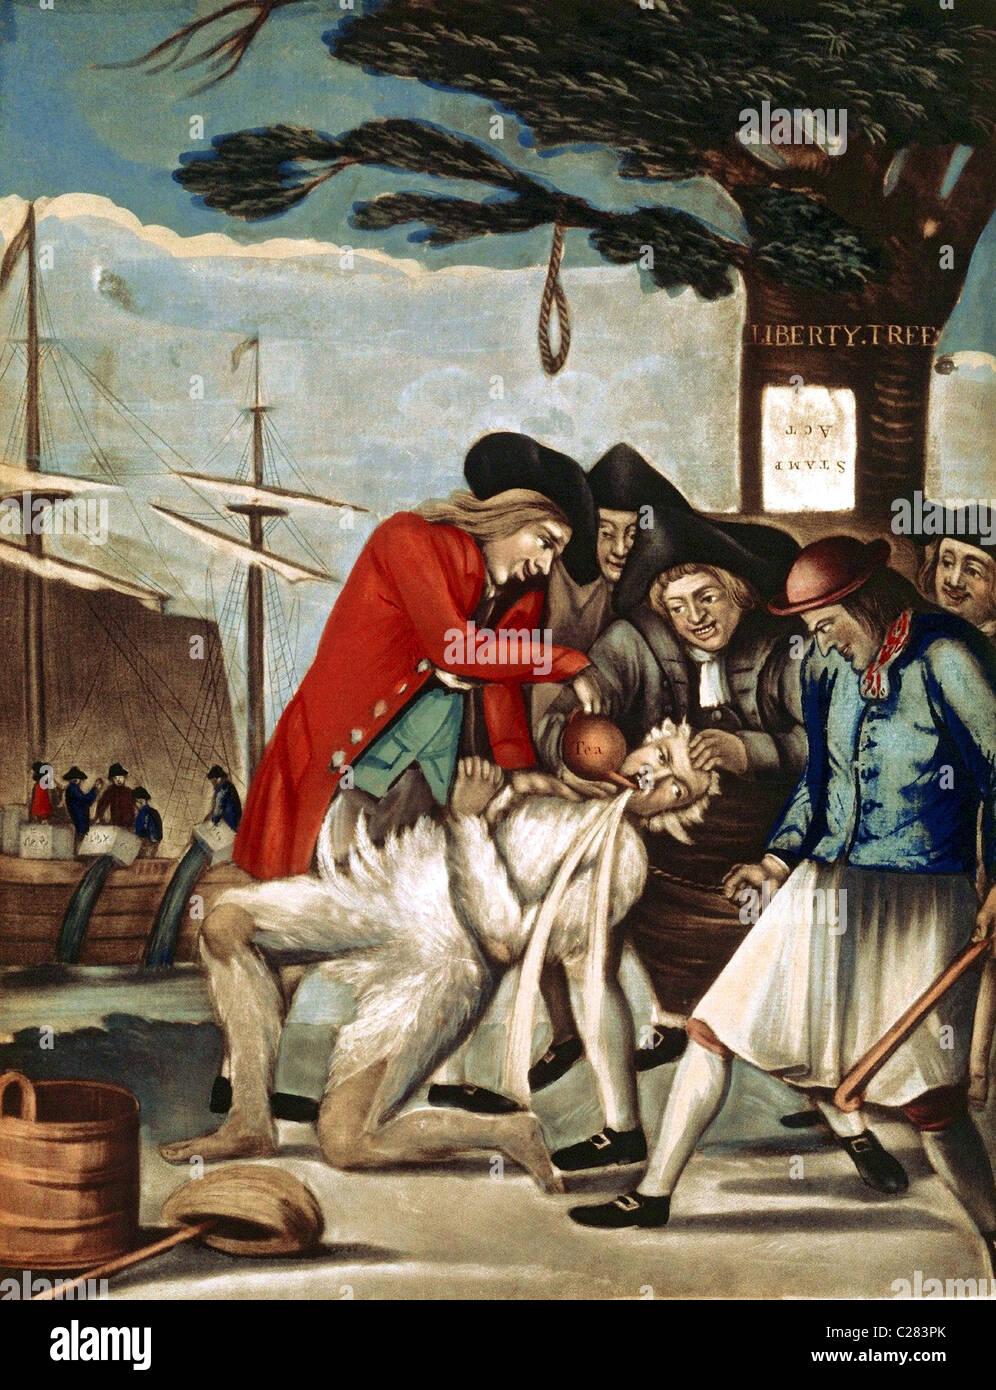 Man die Bostonians die Verbrauchsteuer zu zahlen. Die Sons of Liberty Teeren und Federn ein Zöllner unterhalb der Stockfoto